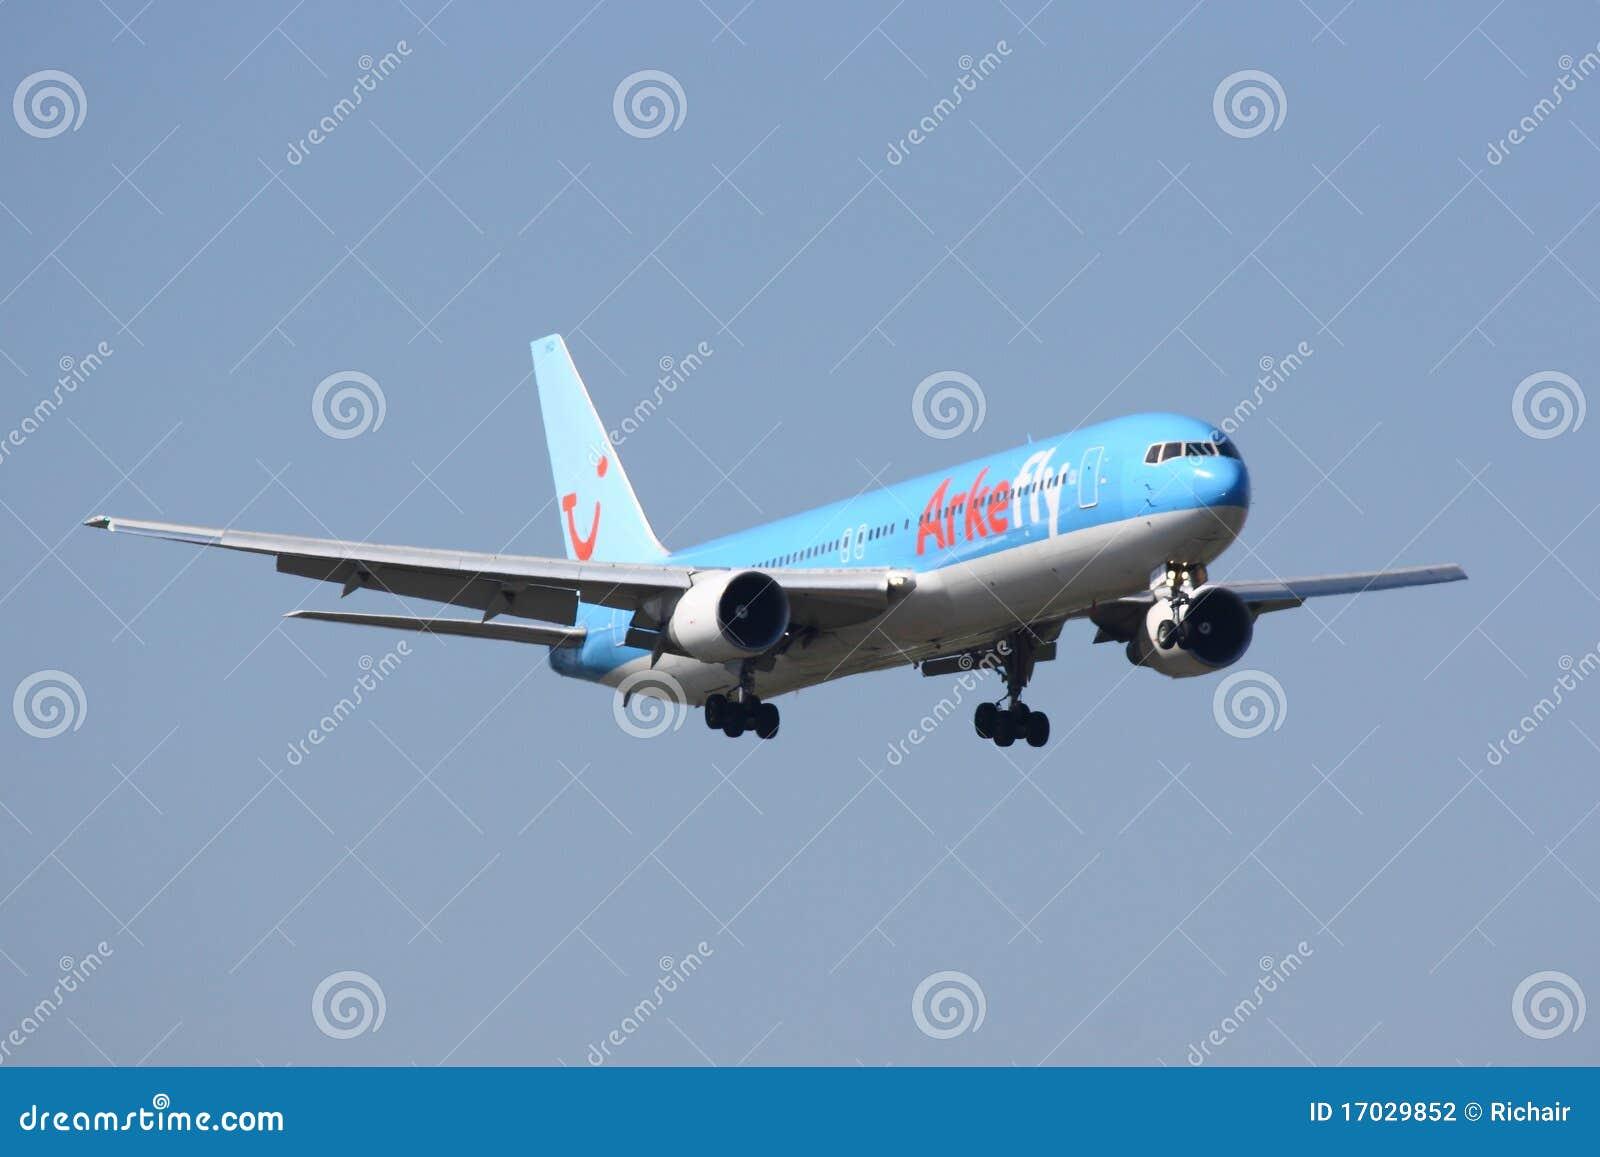 Arkefly 767-300 que aterriza